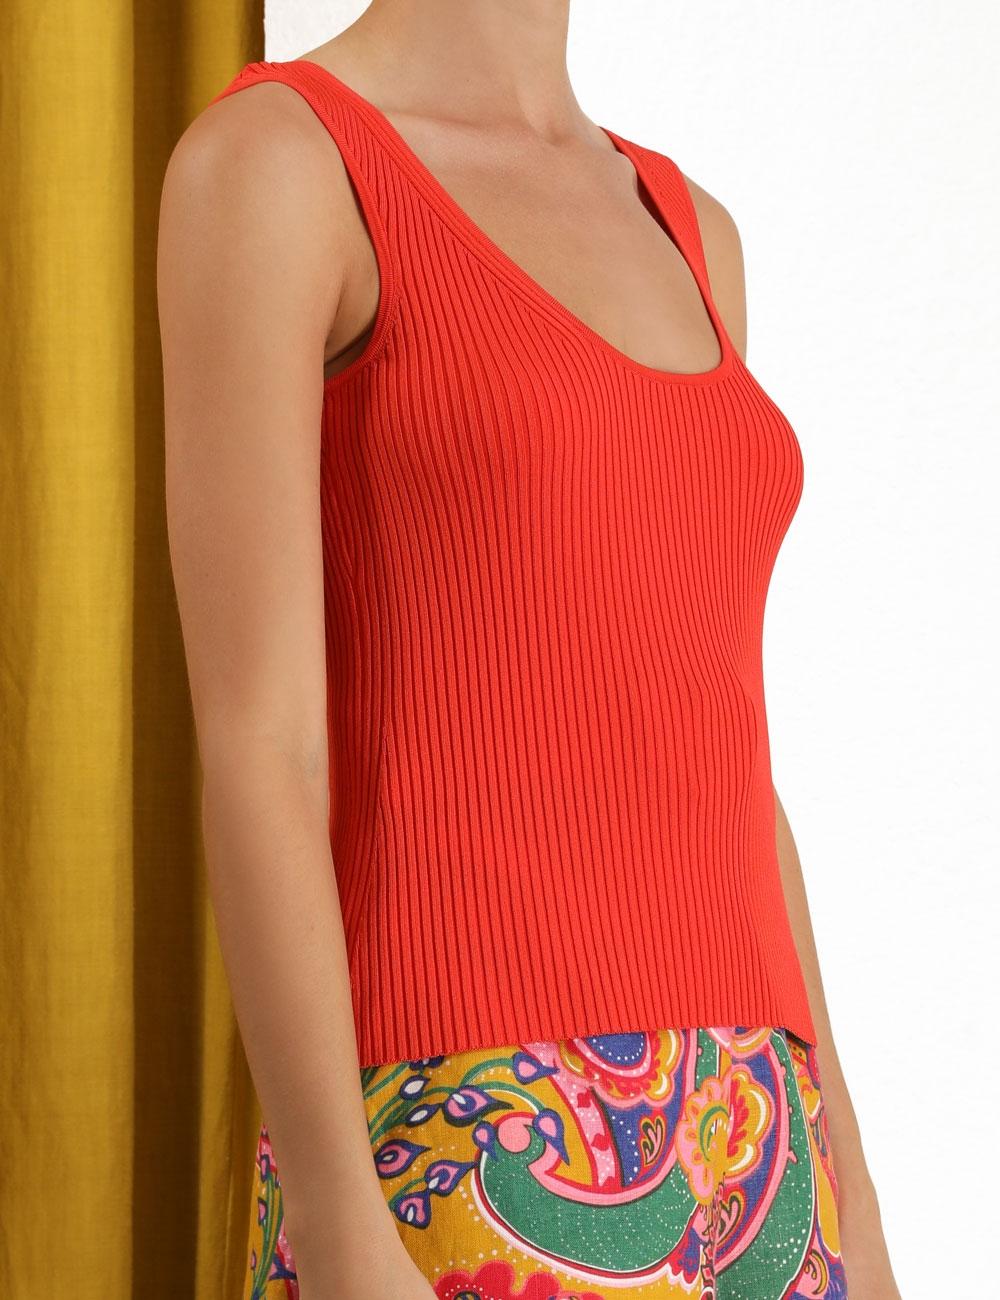 The Lovestruck Body Knit